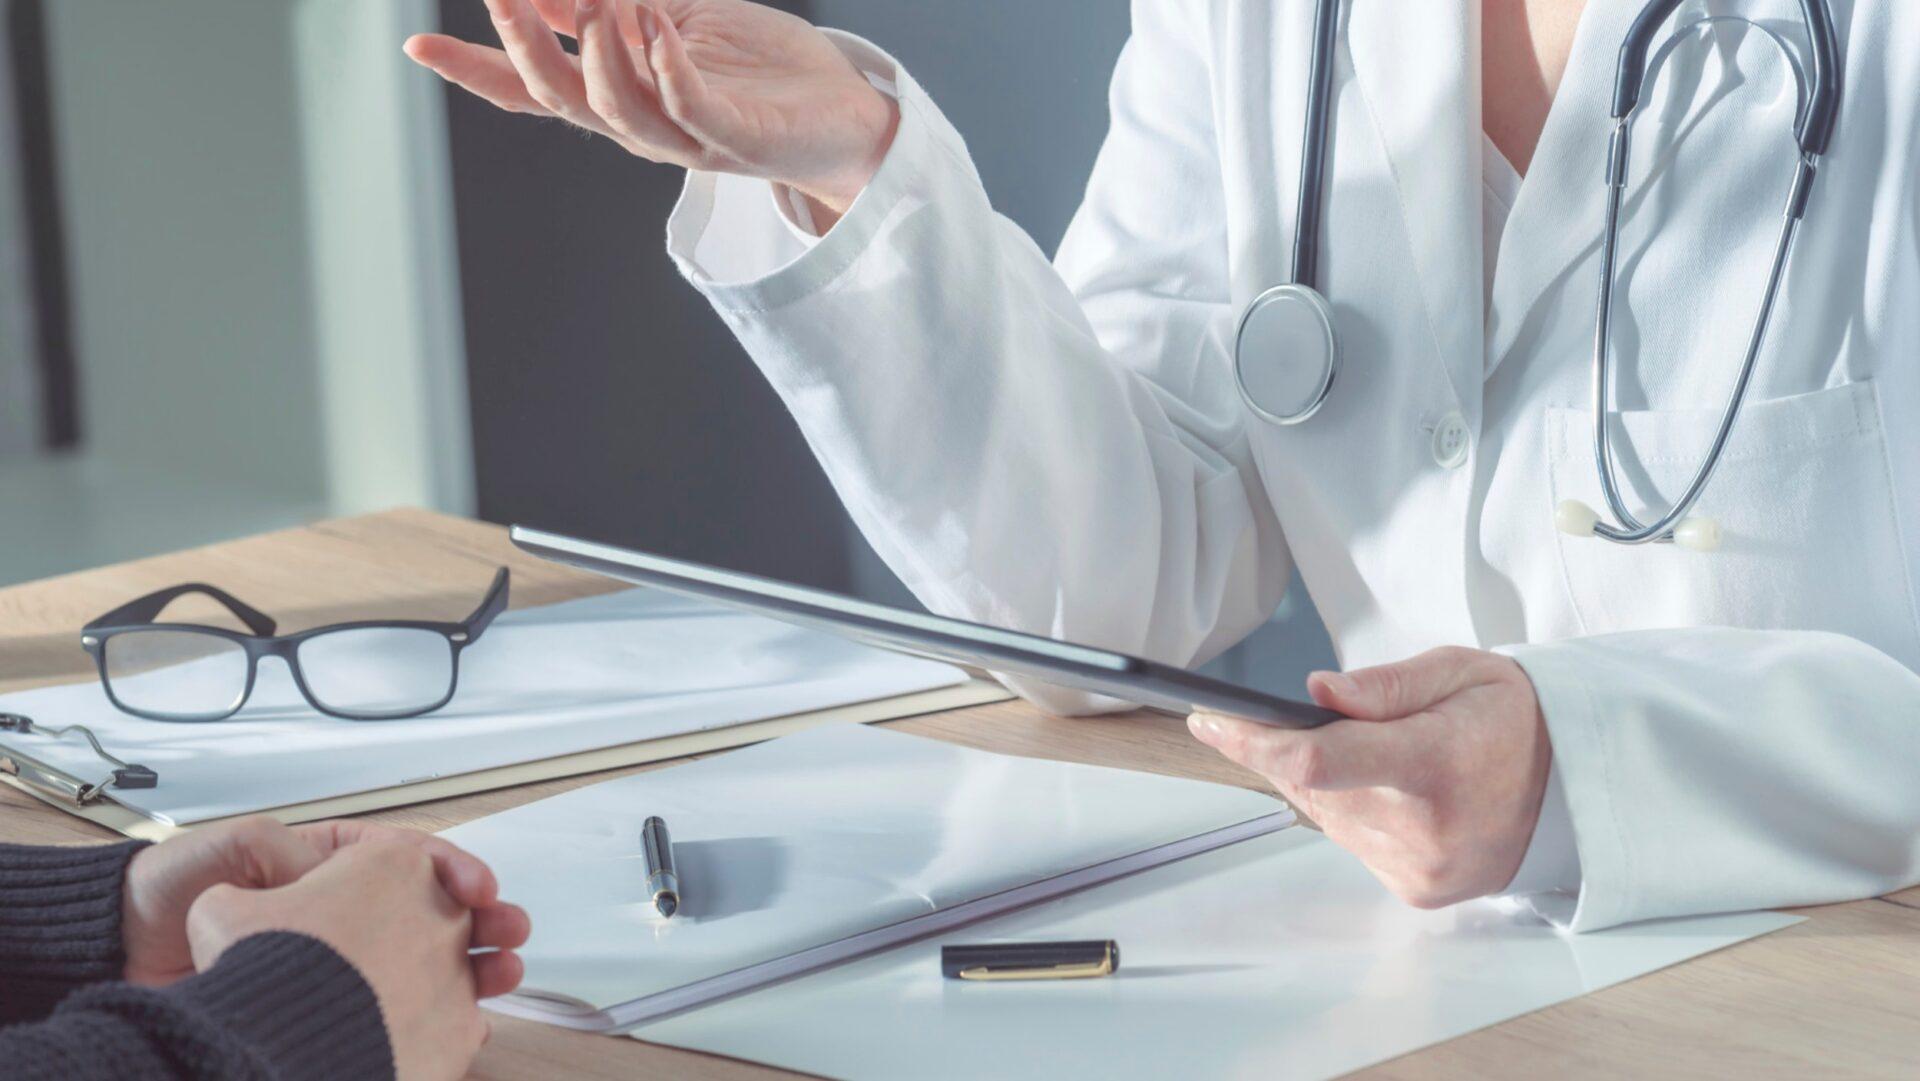 konsultacja dermatologiczna zmiana na prąciu